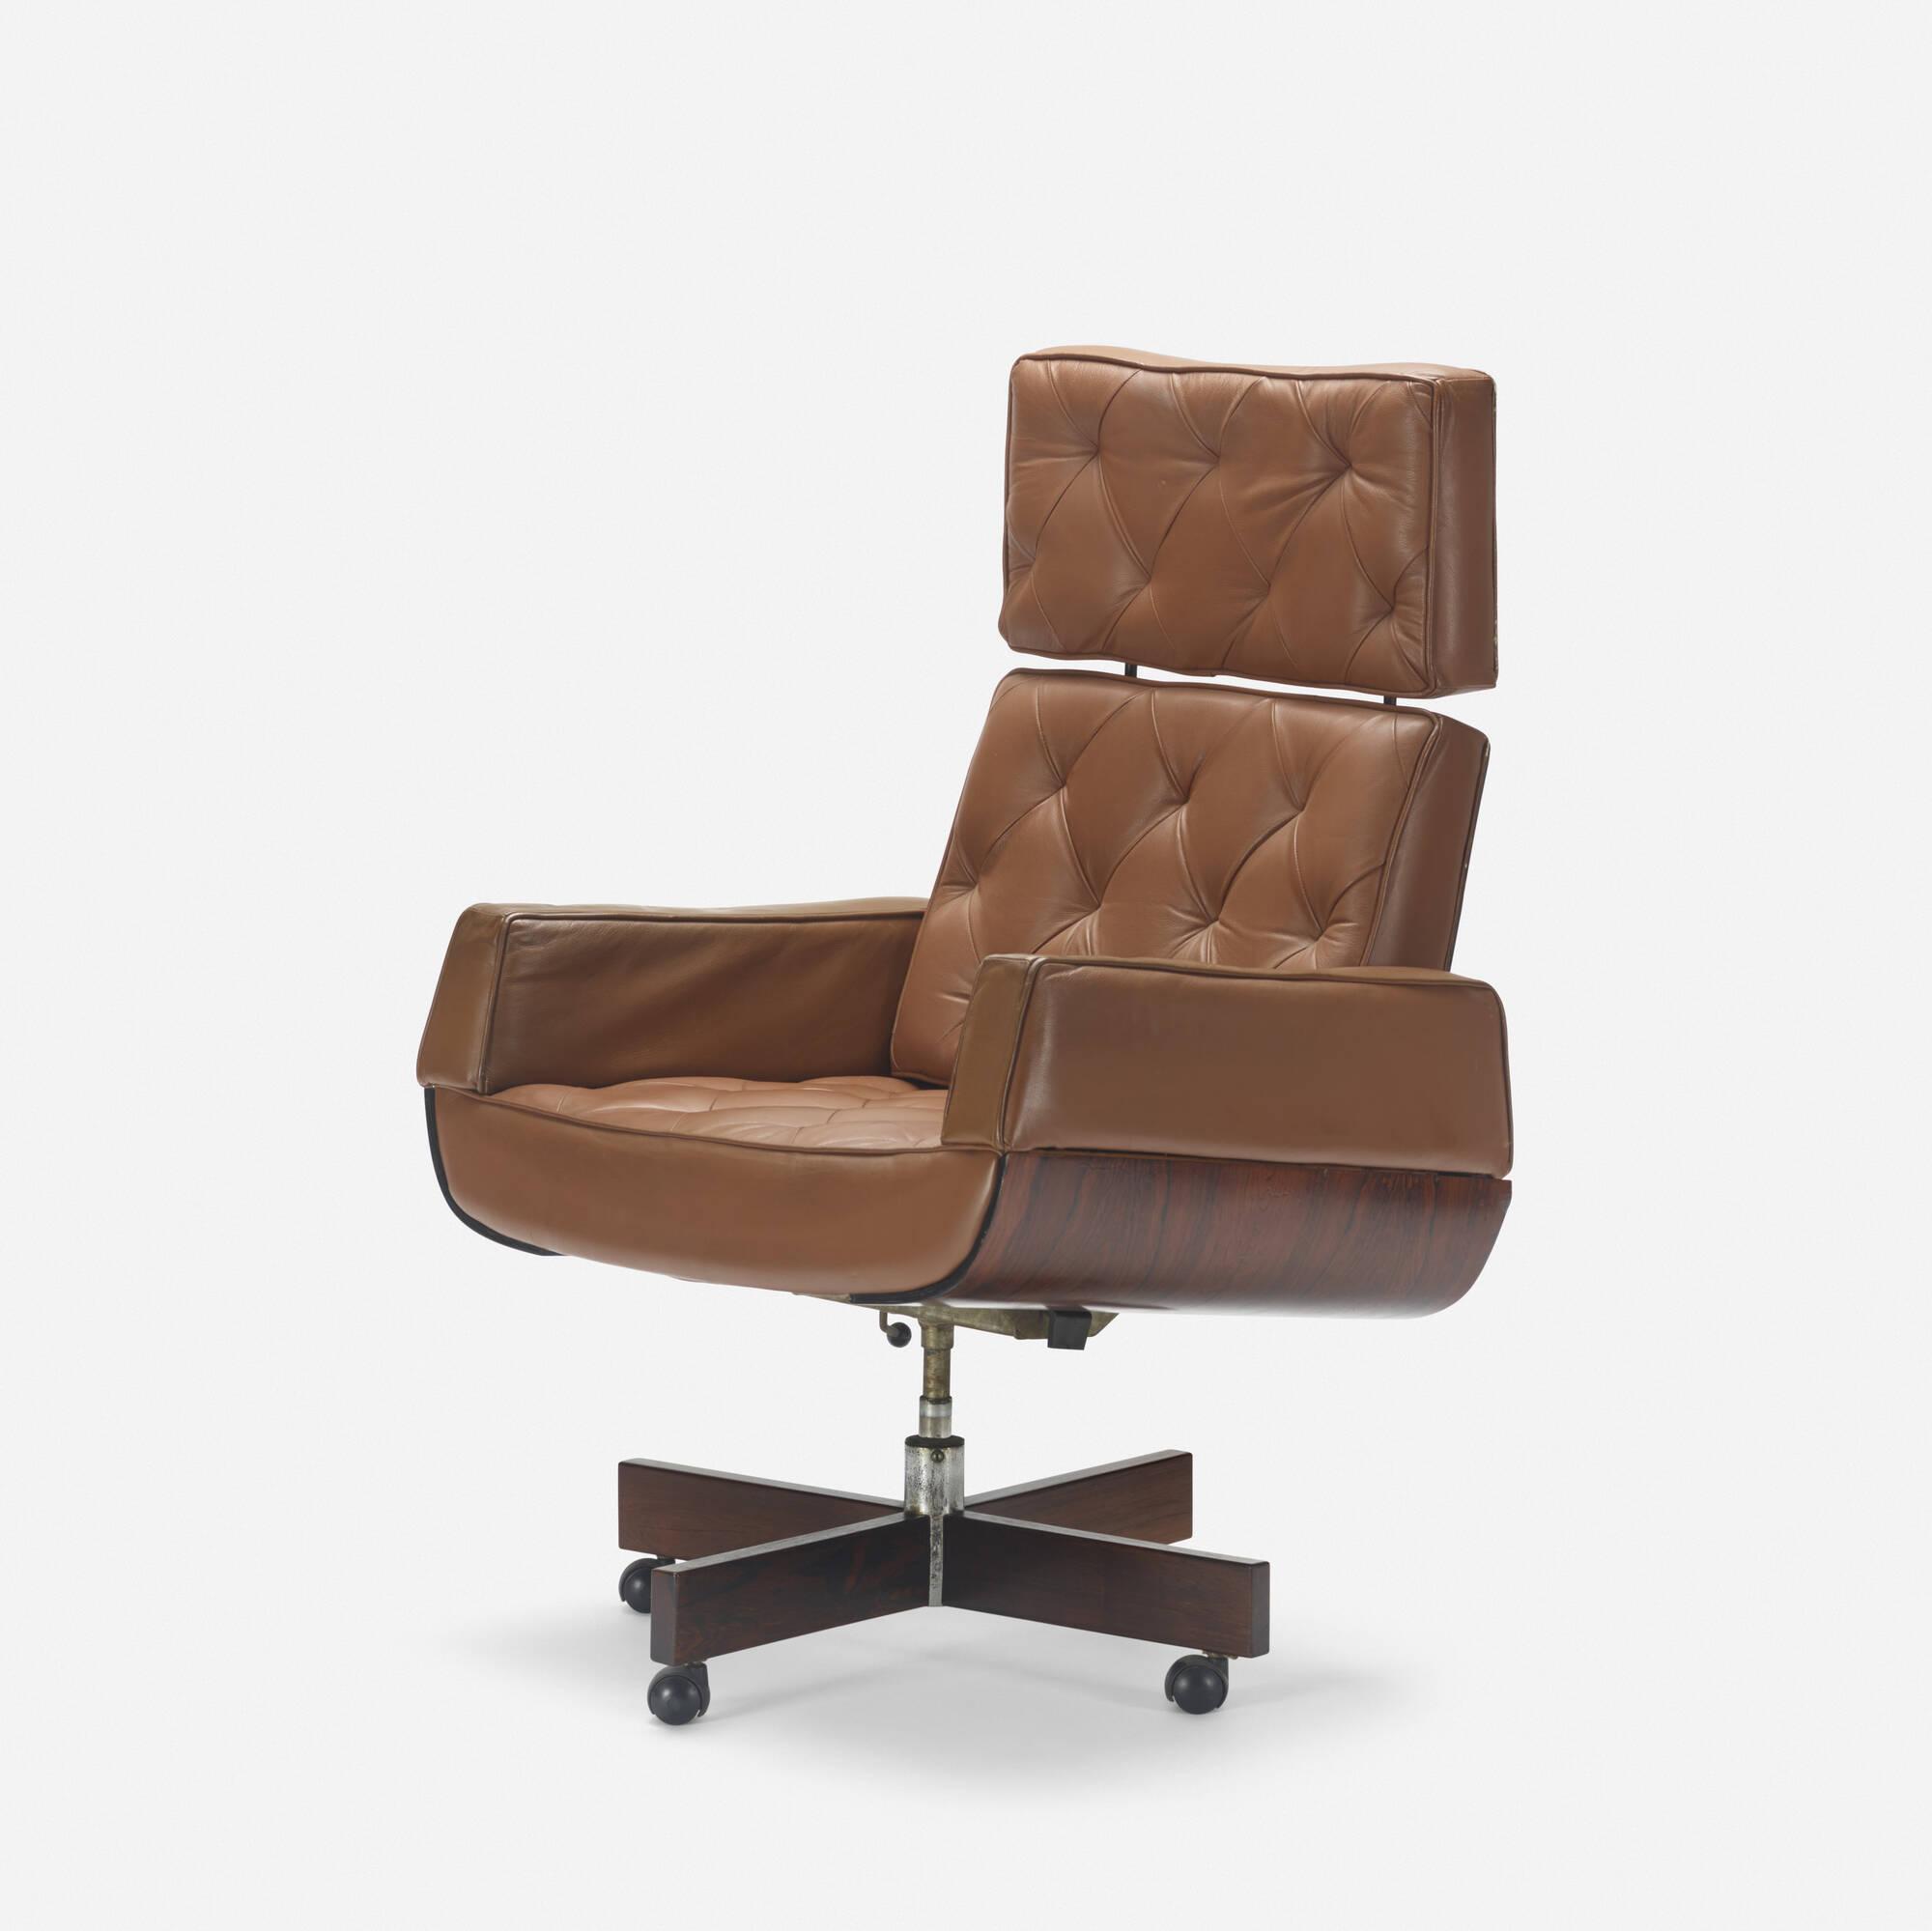 225: Jorge Zalszupin / Ambassador armchair (1 of 3)